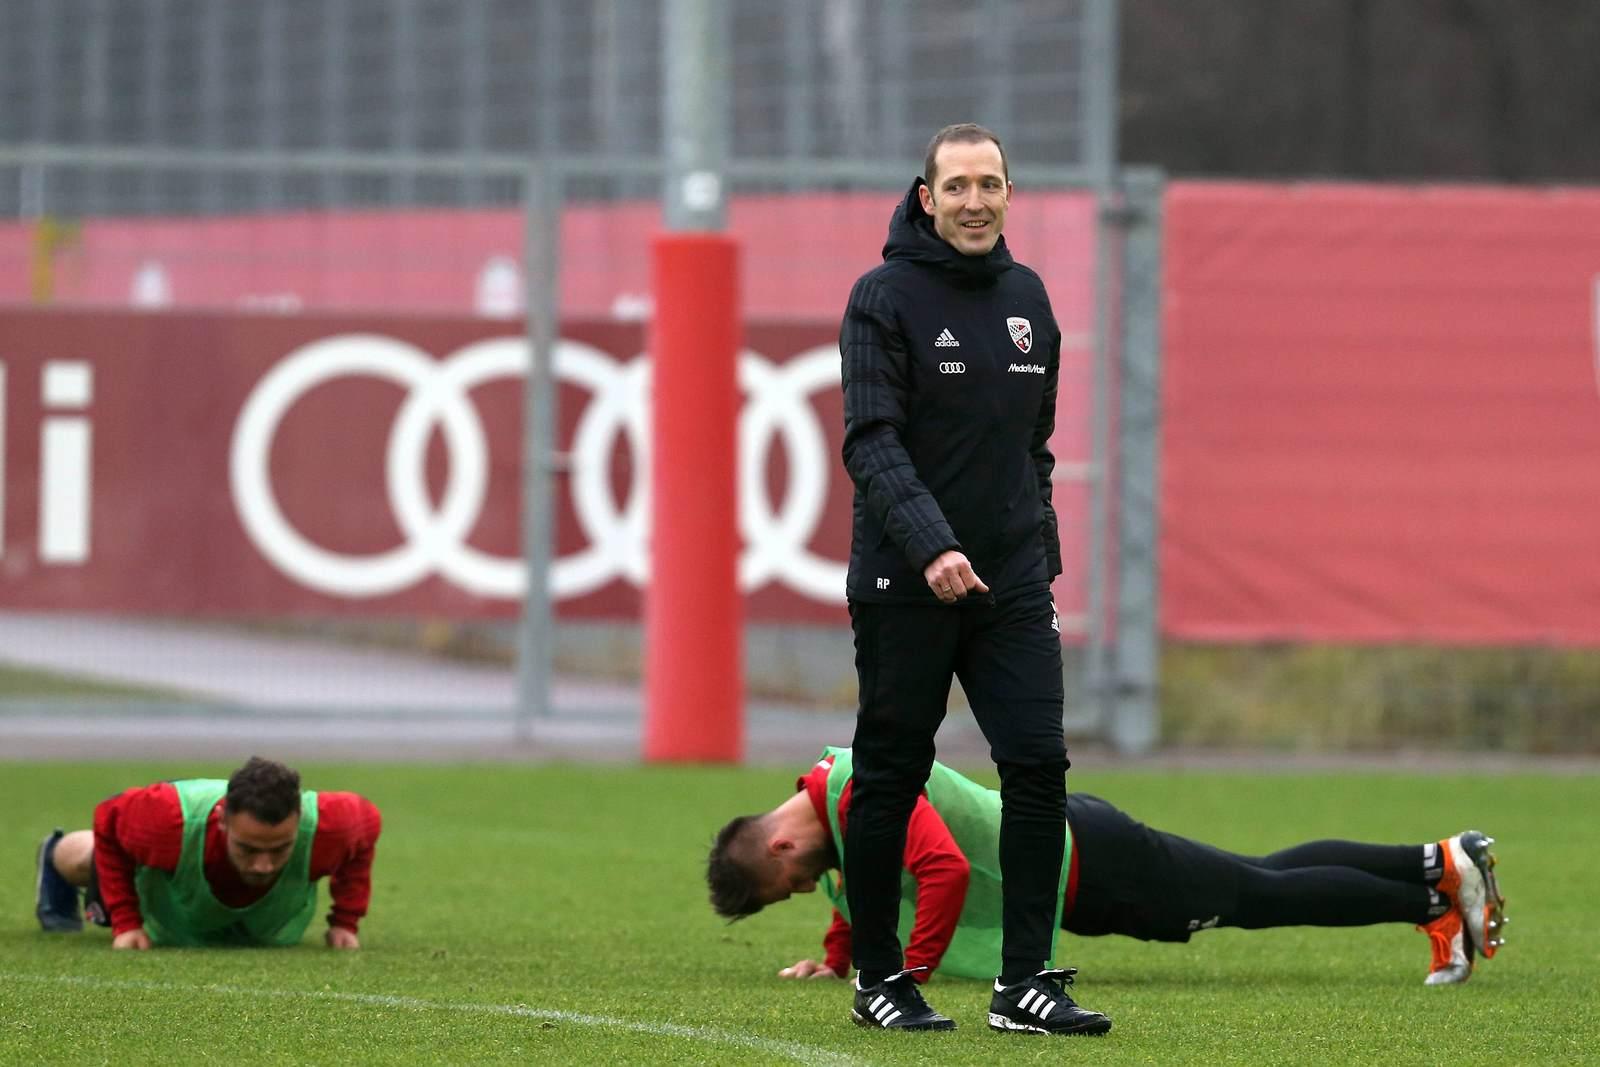 Roberto Pätzold im Training des FC Ingolstadt